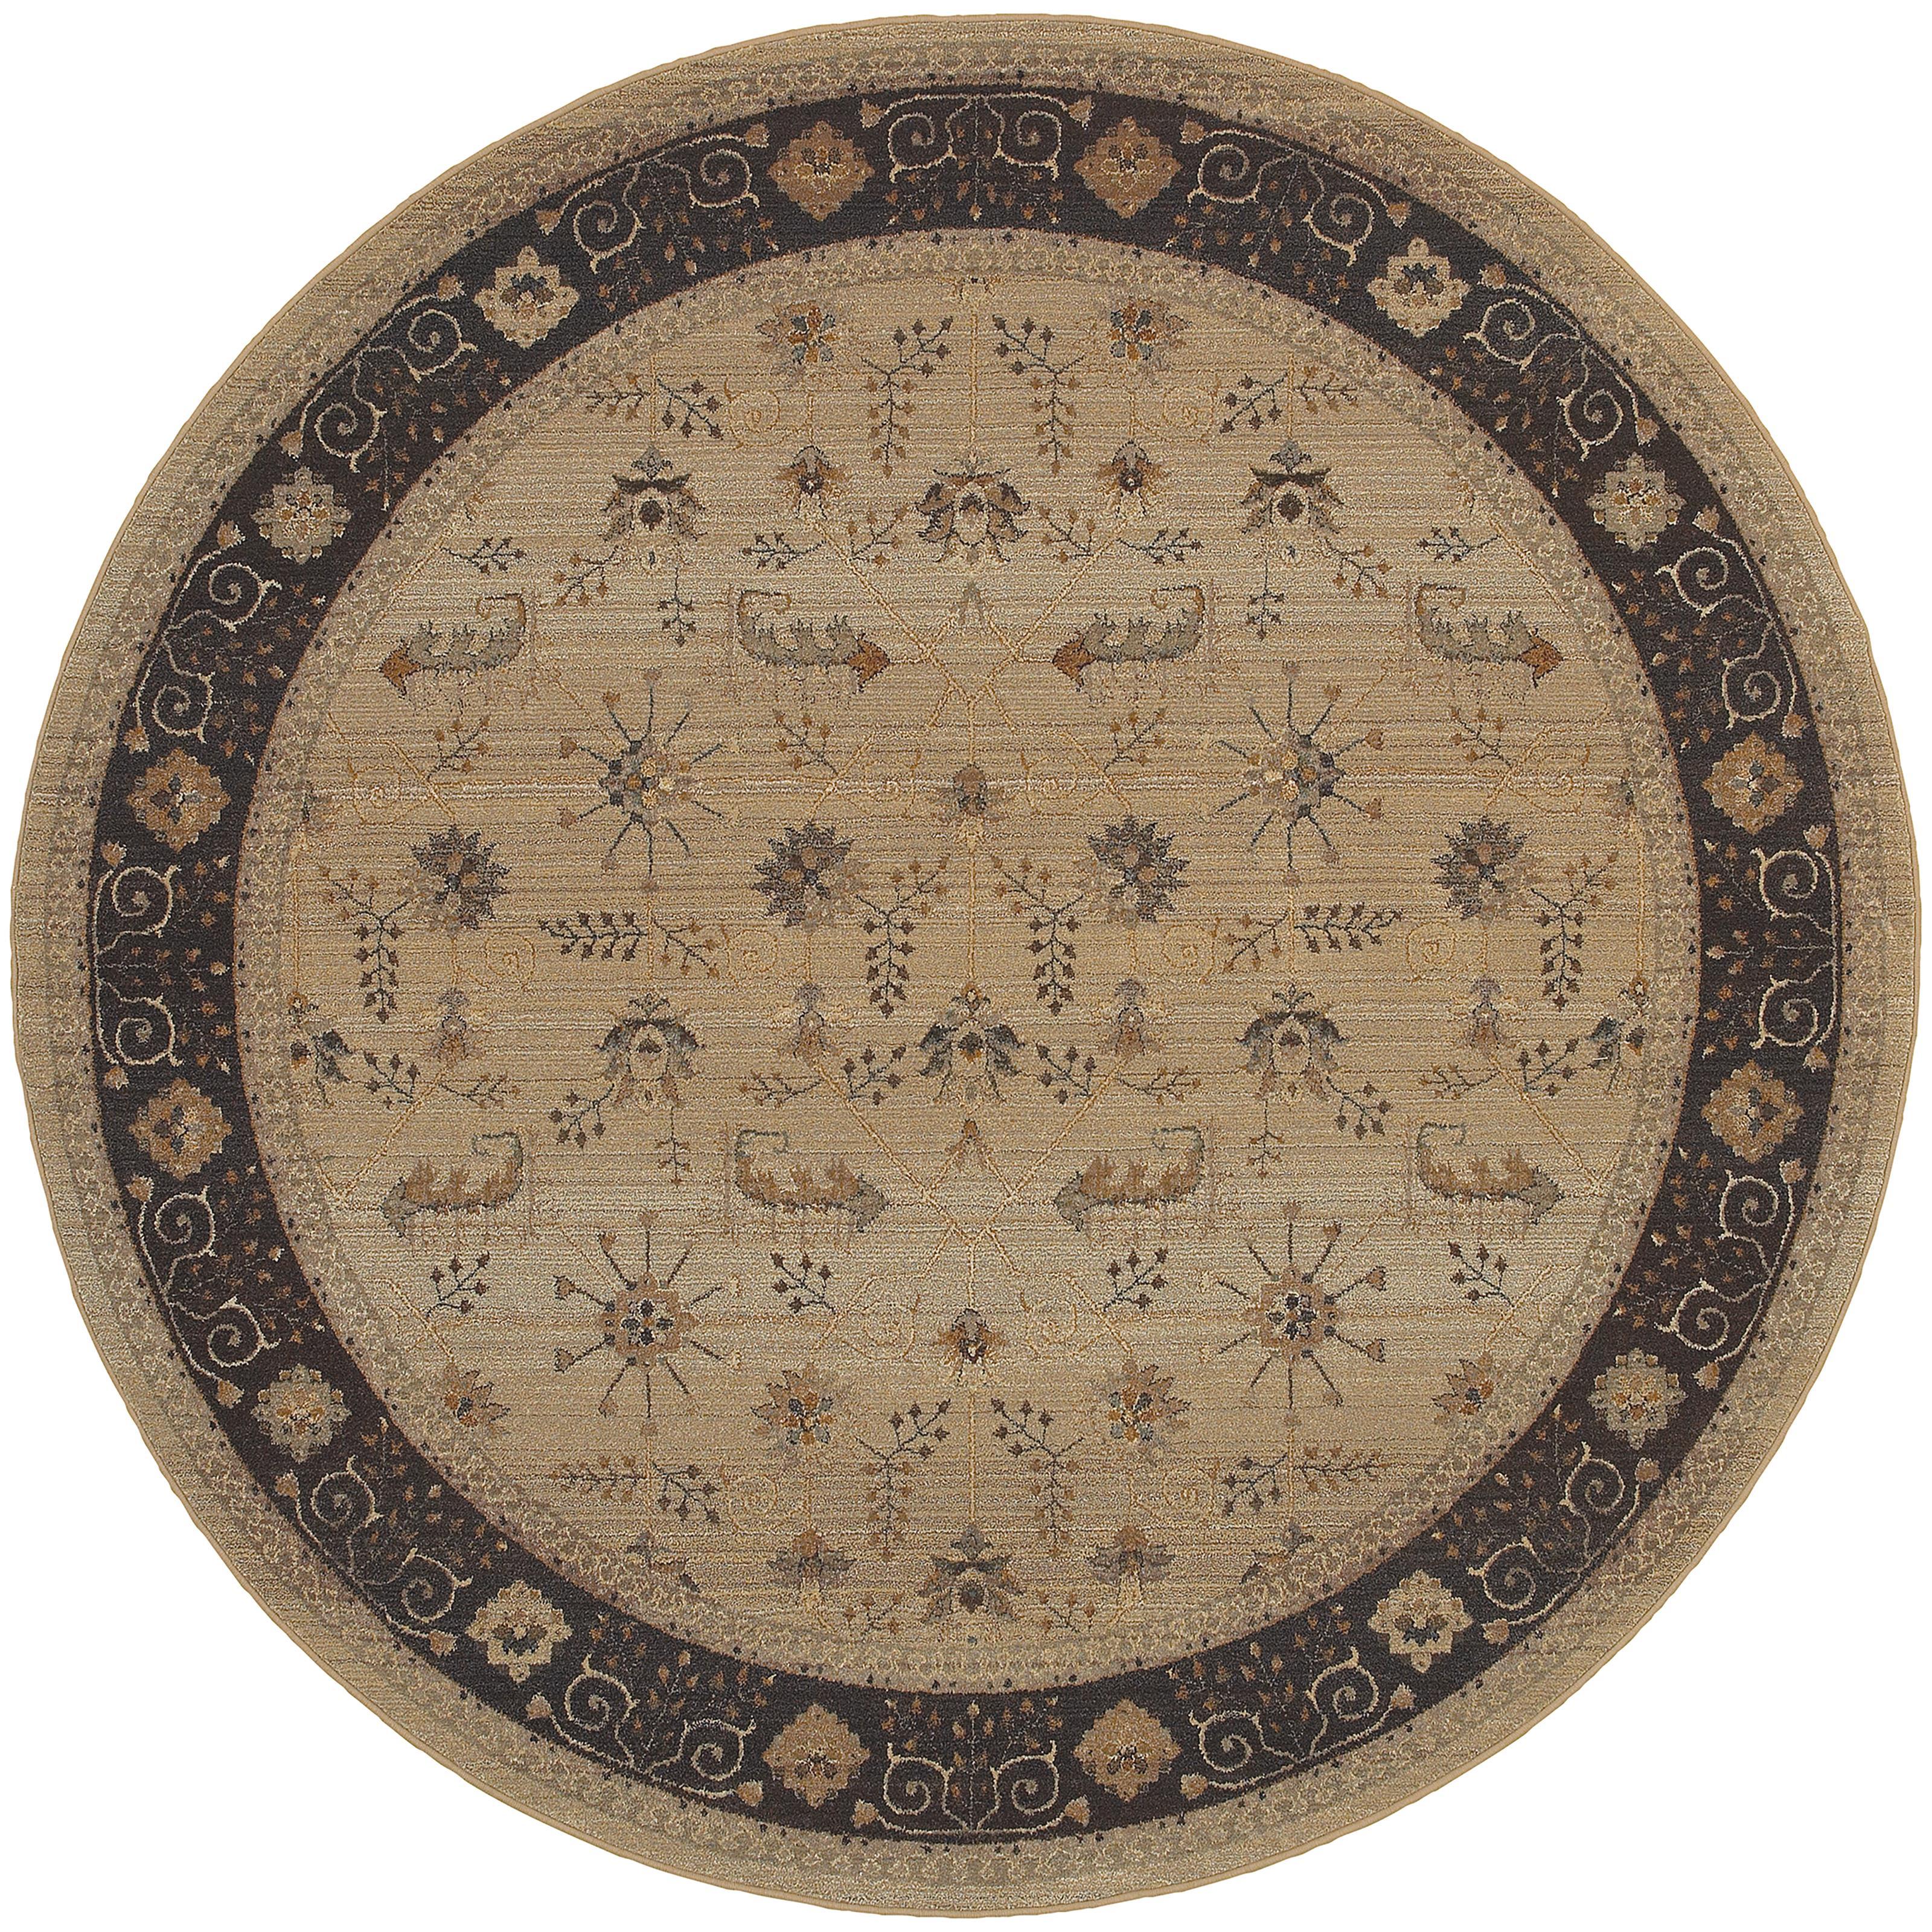 Oriental Weavers Genesis 6' Rug - Item Number: G112M1180180ST